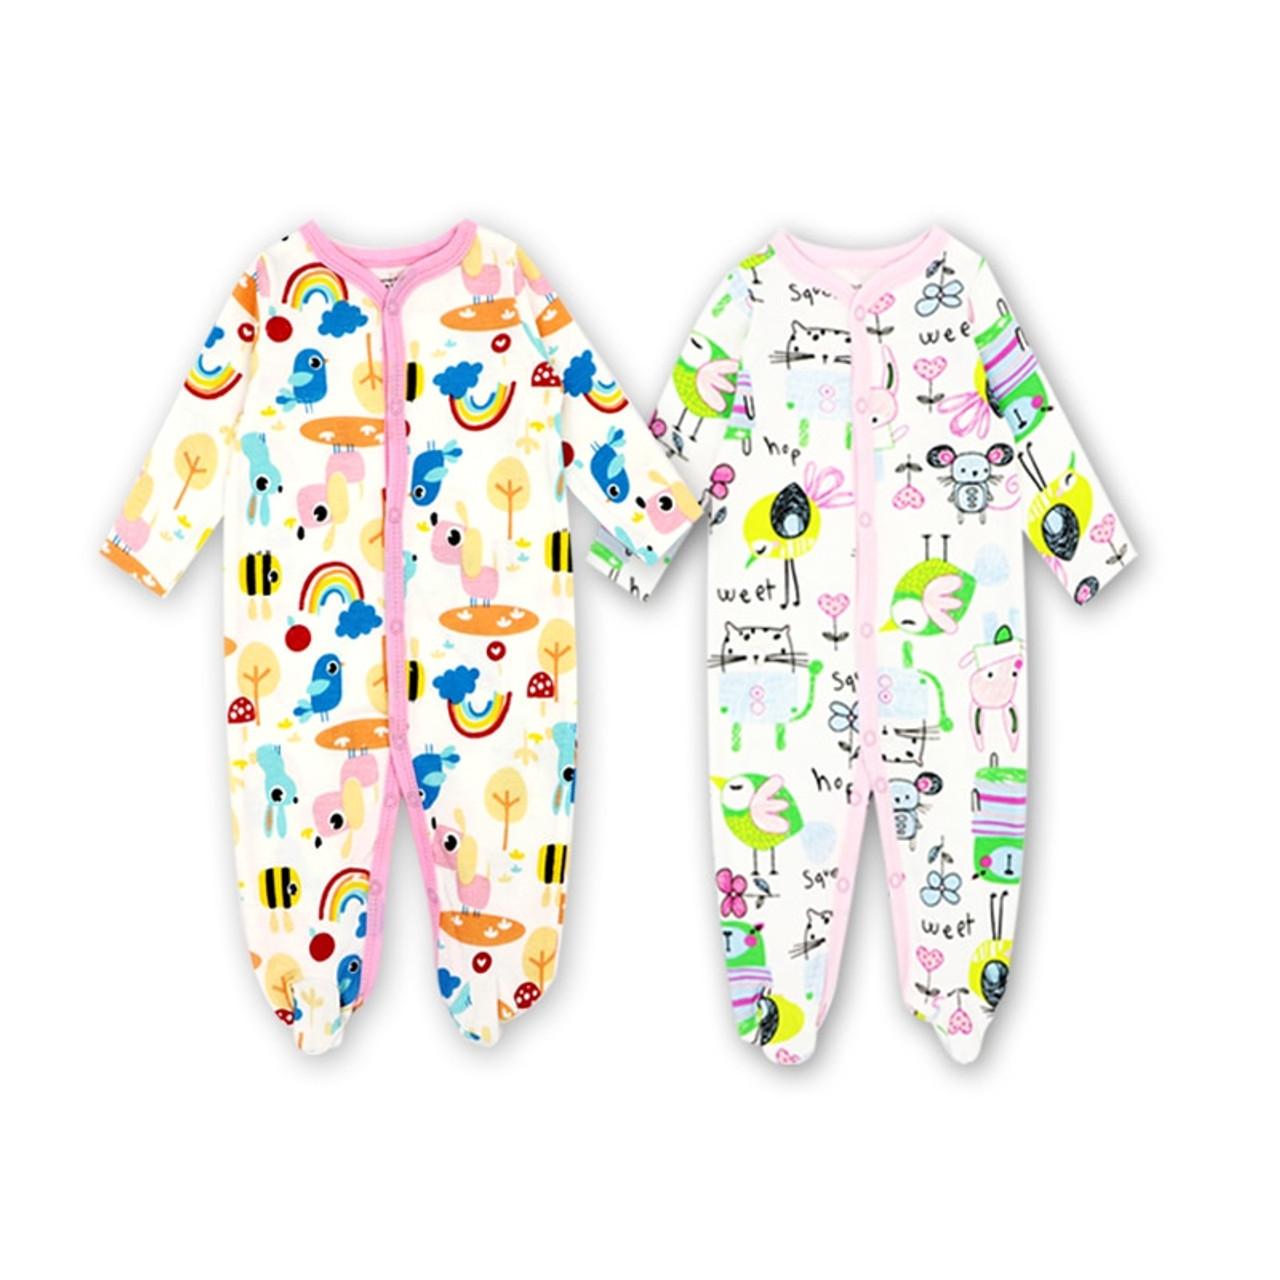 85d6d5c27972 ... 2 3Pcs Lot100%Cotton baby rompers suit newborn baby girls boys clothes  Long ...